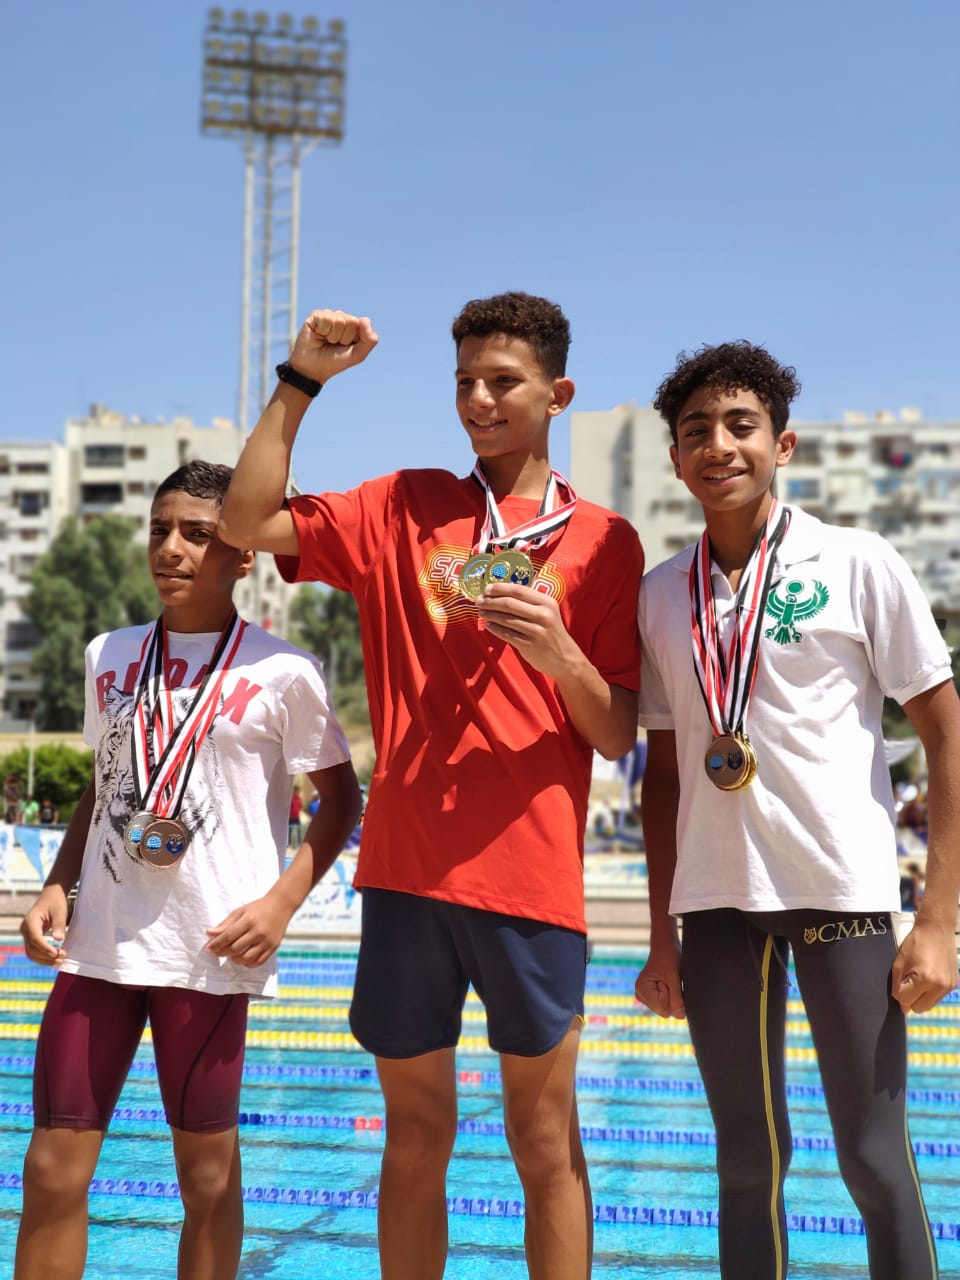 كريم أبطال السباحة للزعانف بنادي كهرباء الإسماعيلية